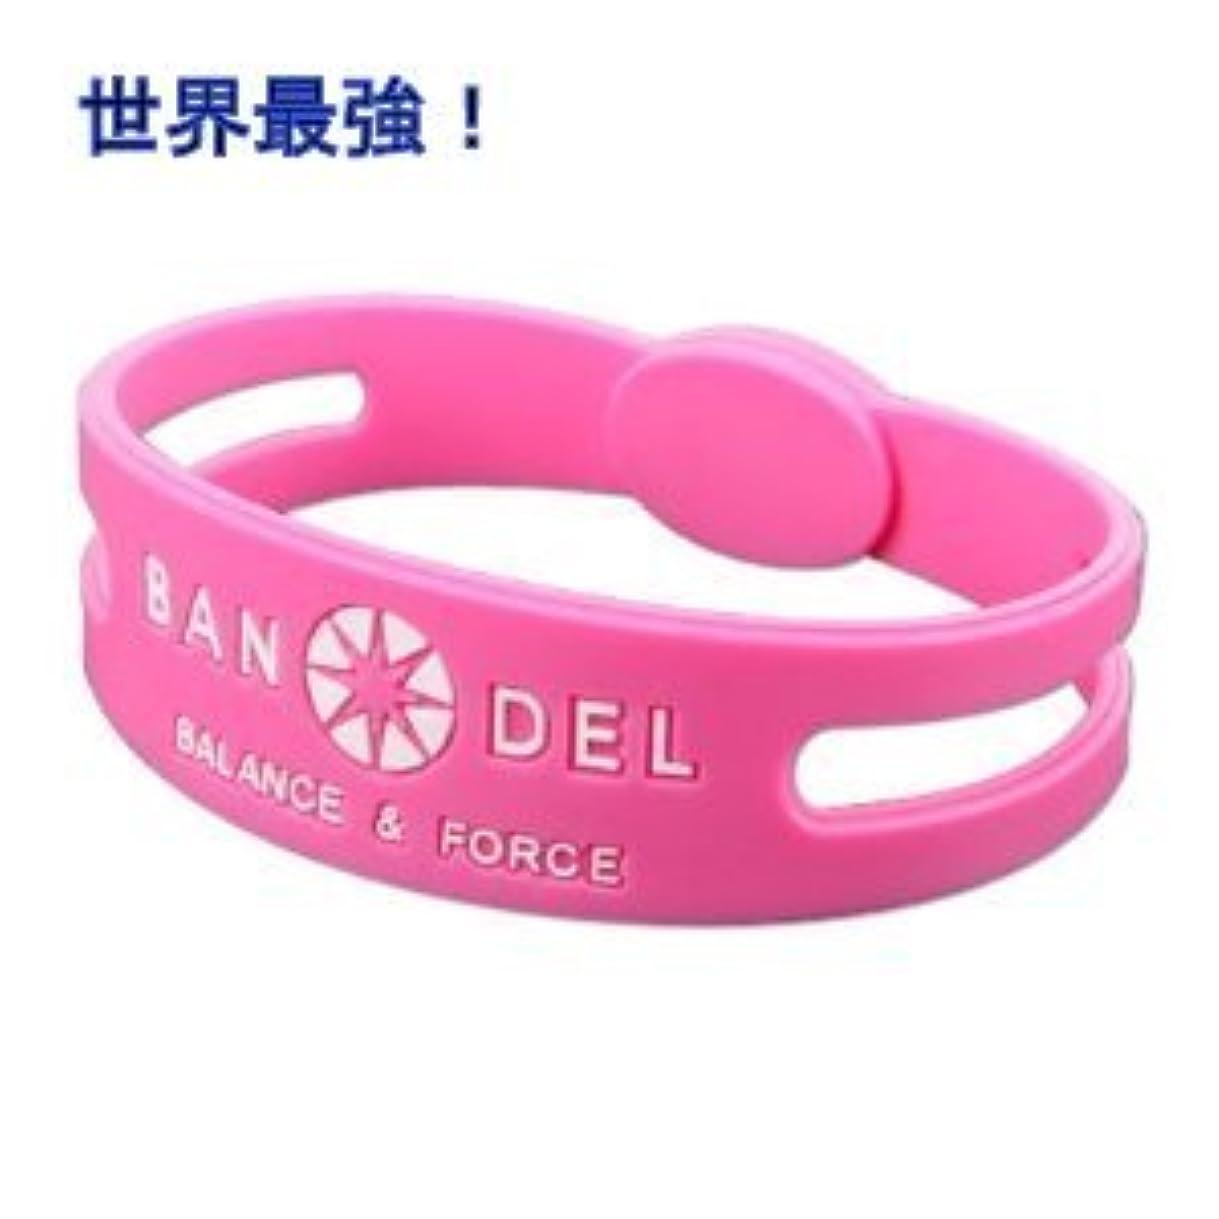 担保帝国繊毛バンデル ブレスレット BANDEL BRACELET ピンク (L (19.0))